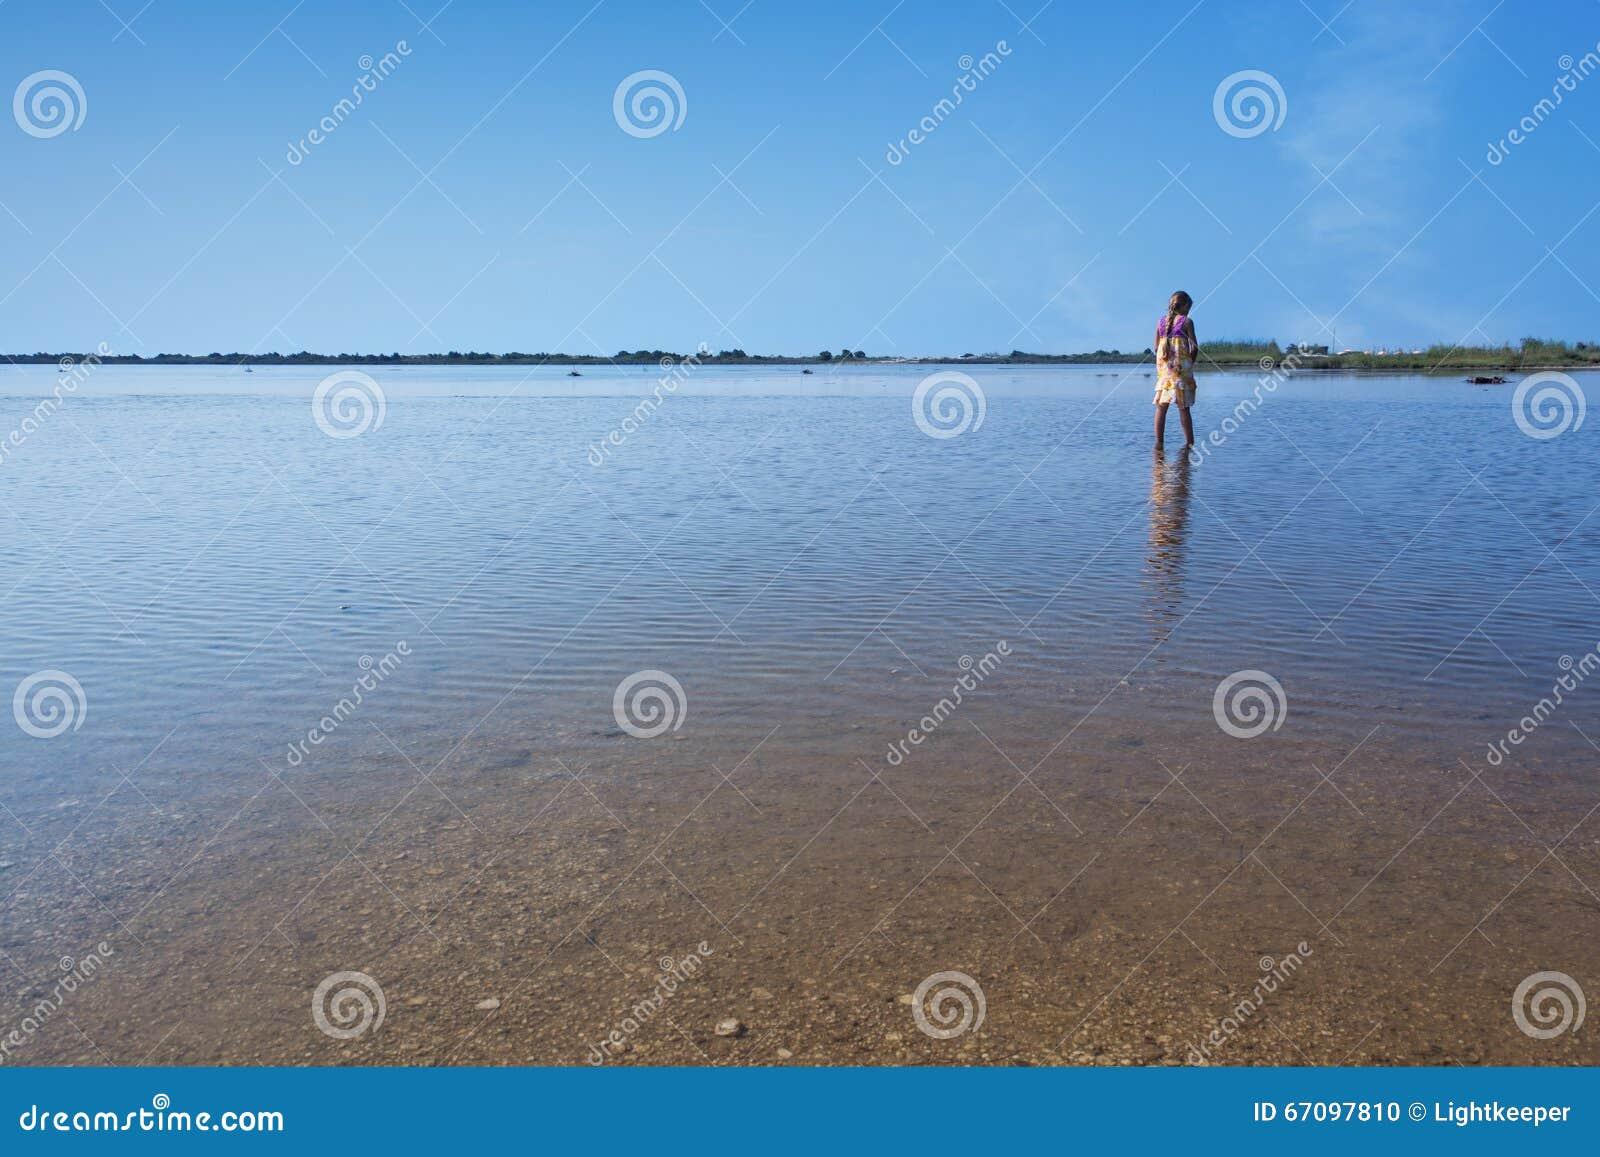 Lago Korission em Corfu - com um passeio da menina